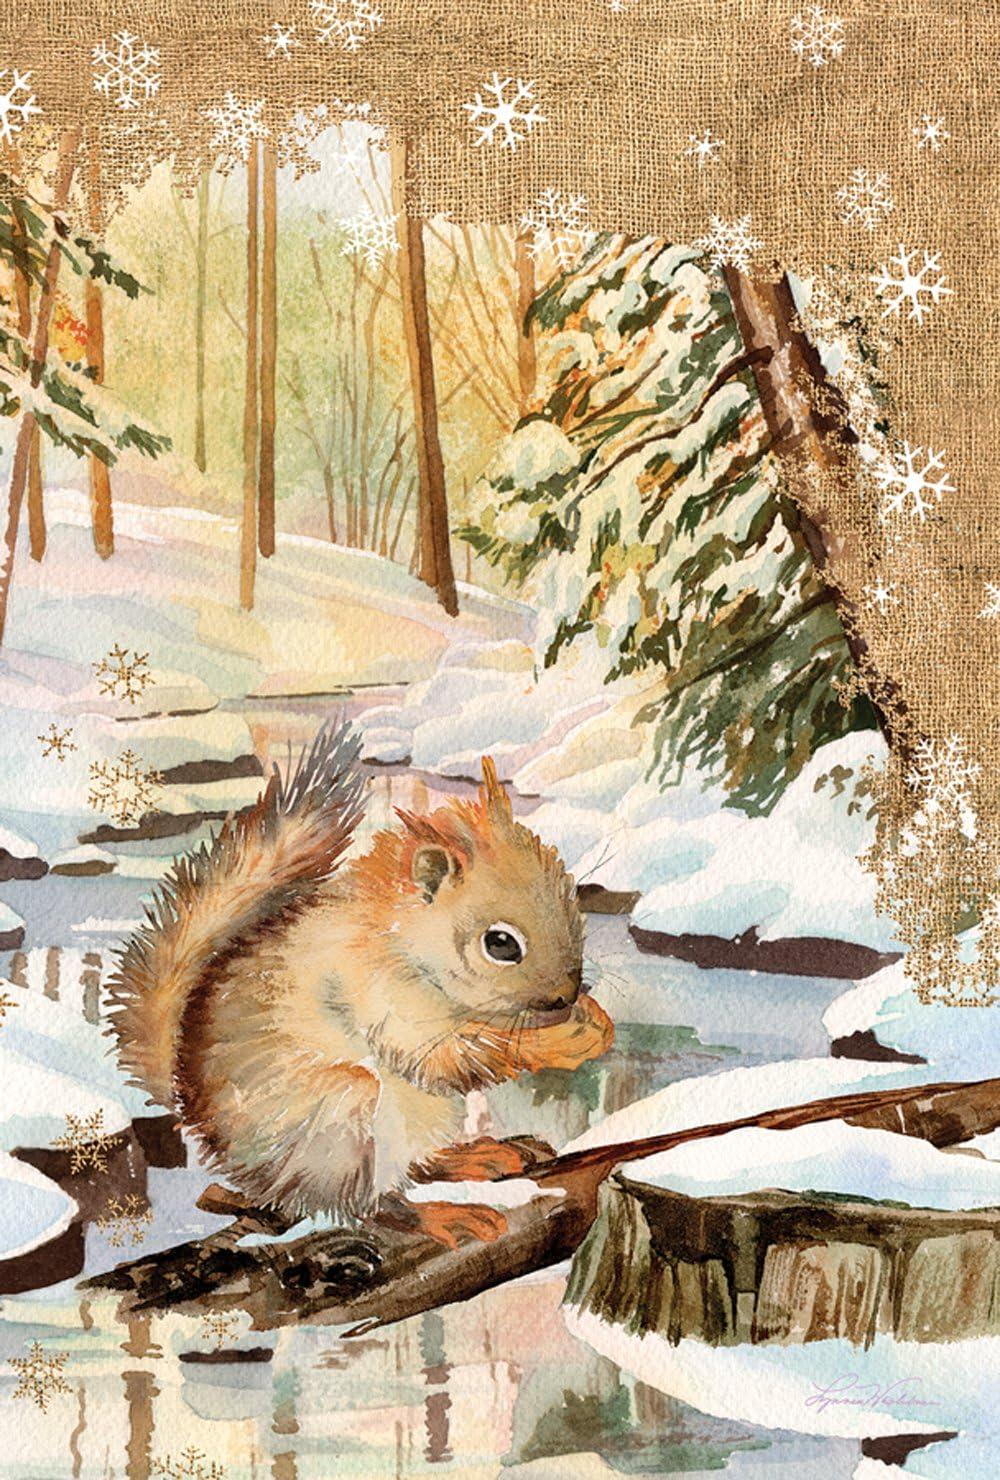 """Toland Home Garden 1010514 """"Snowy Squirrel Winter/Animals"""" Decorative House Flag, 28"""" x 40"""""""